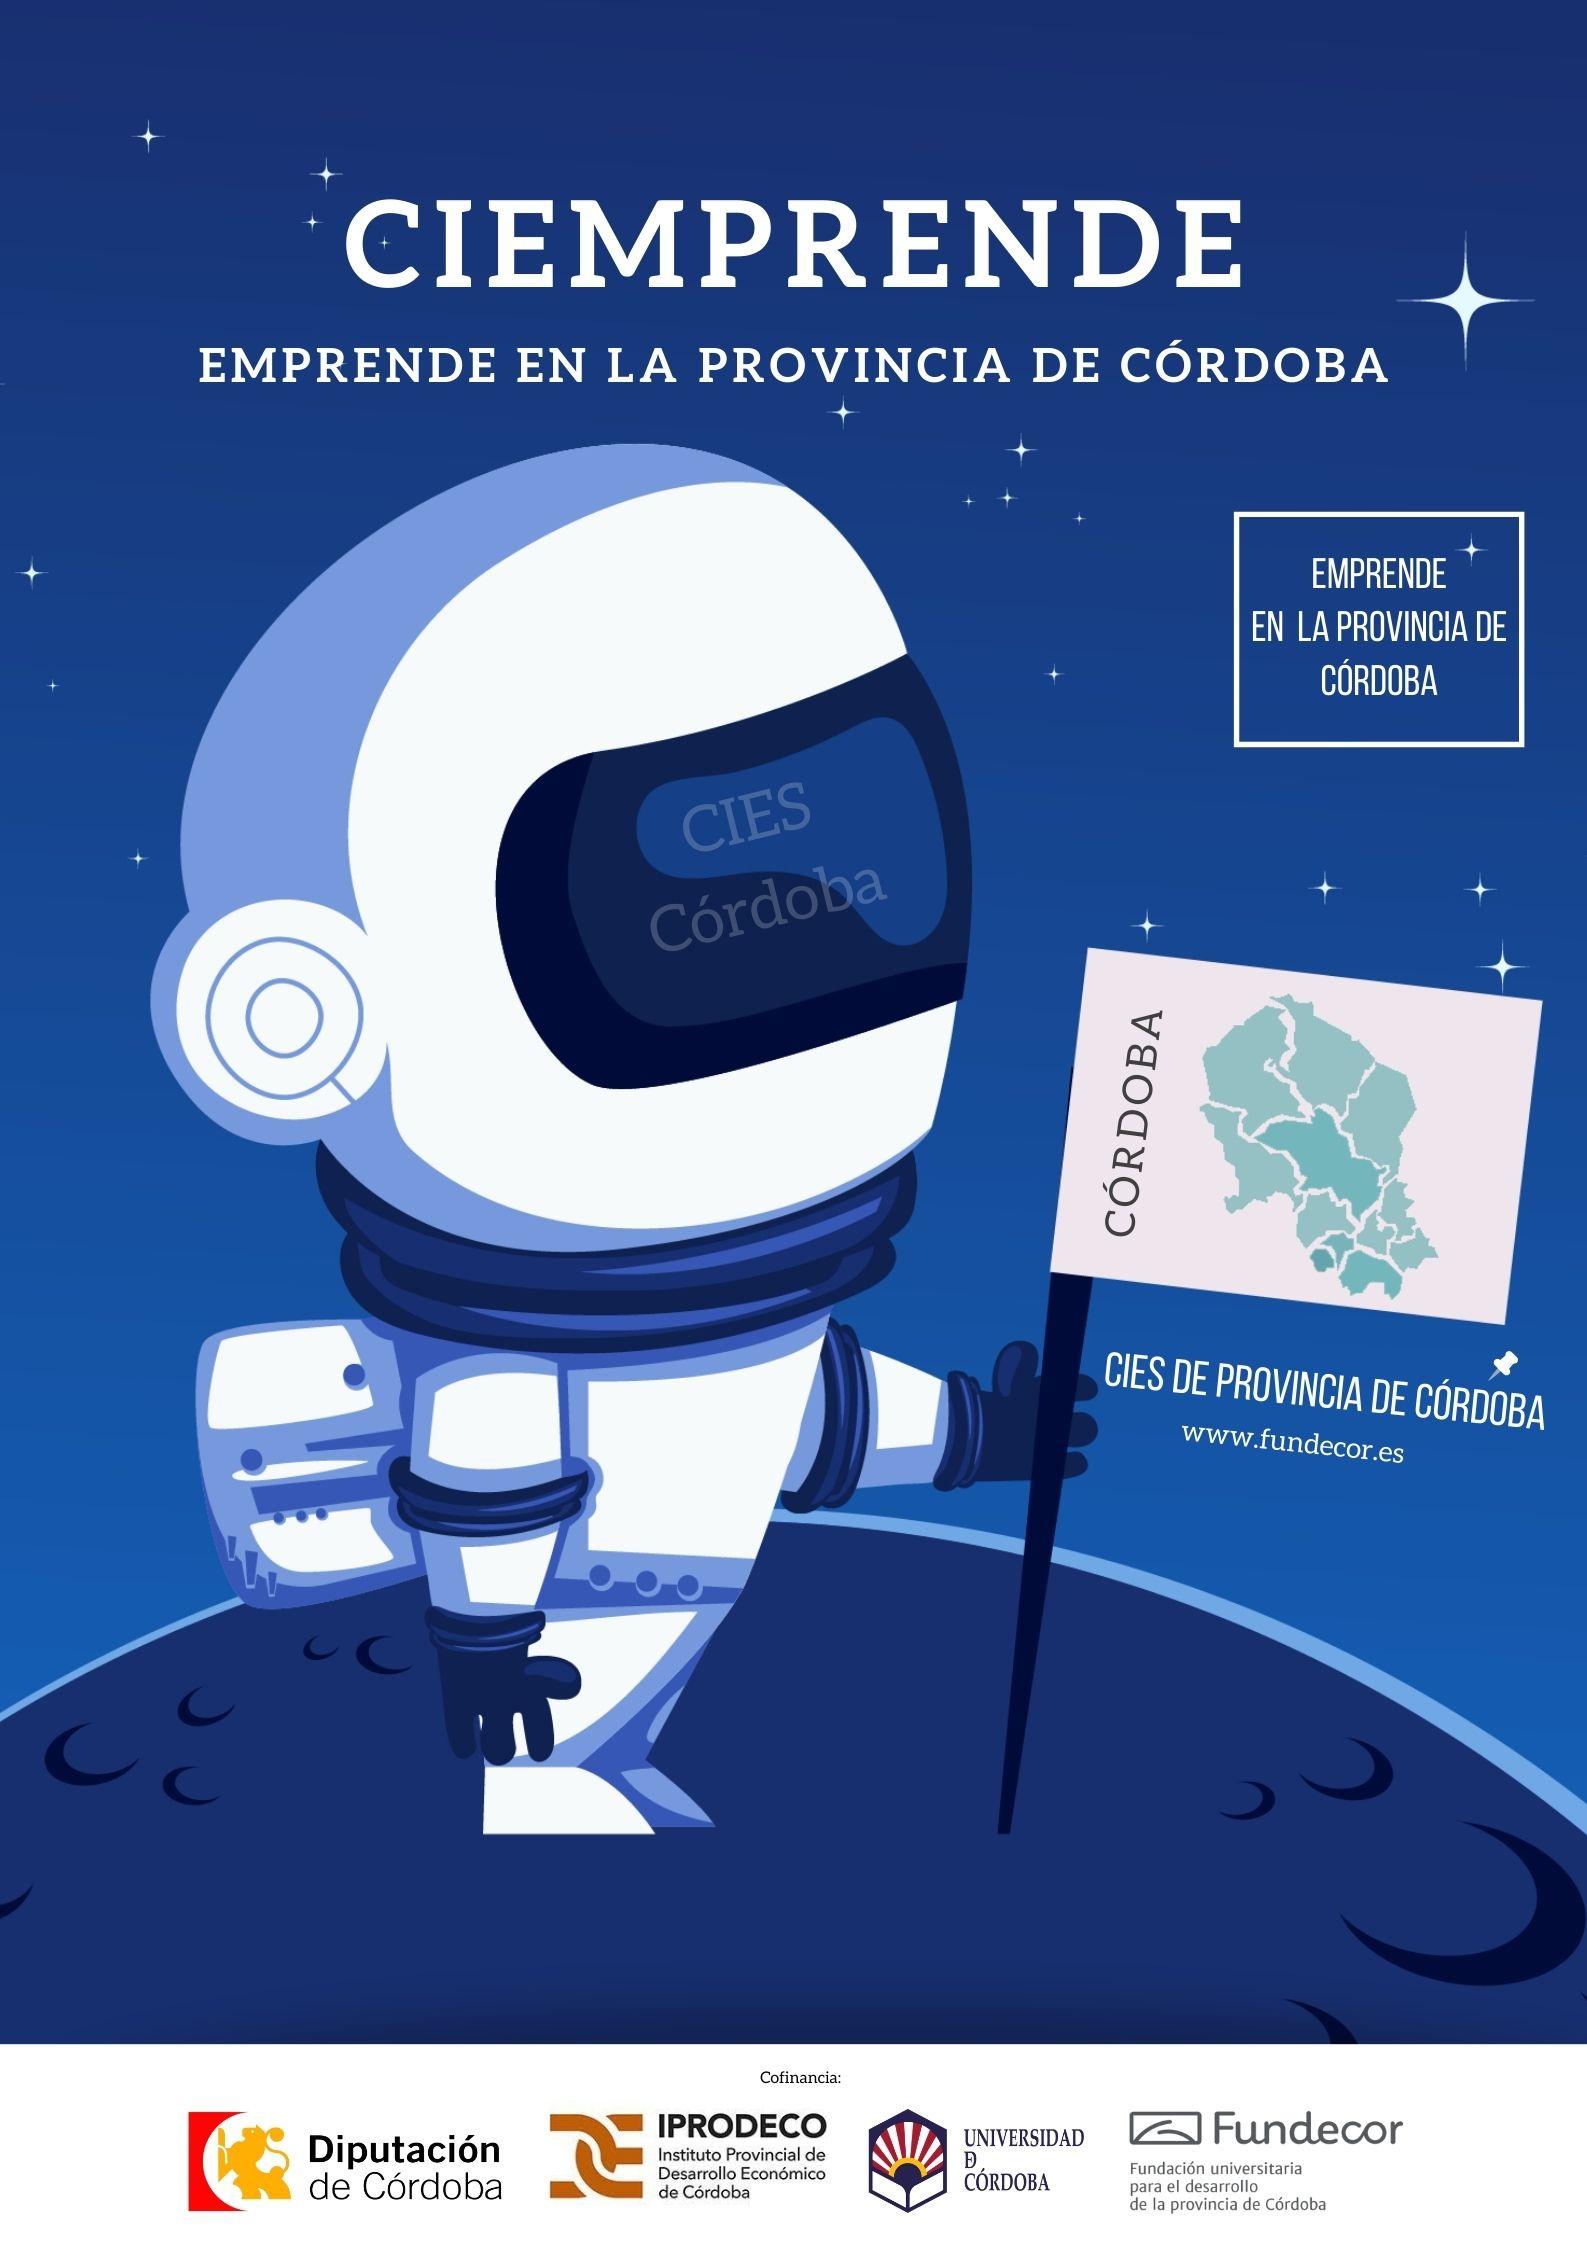 CIEMPRENDE: Emprender en la Provincia de Córdoba es posible